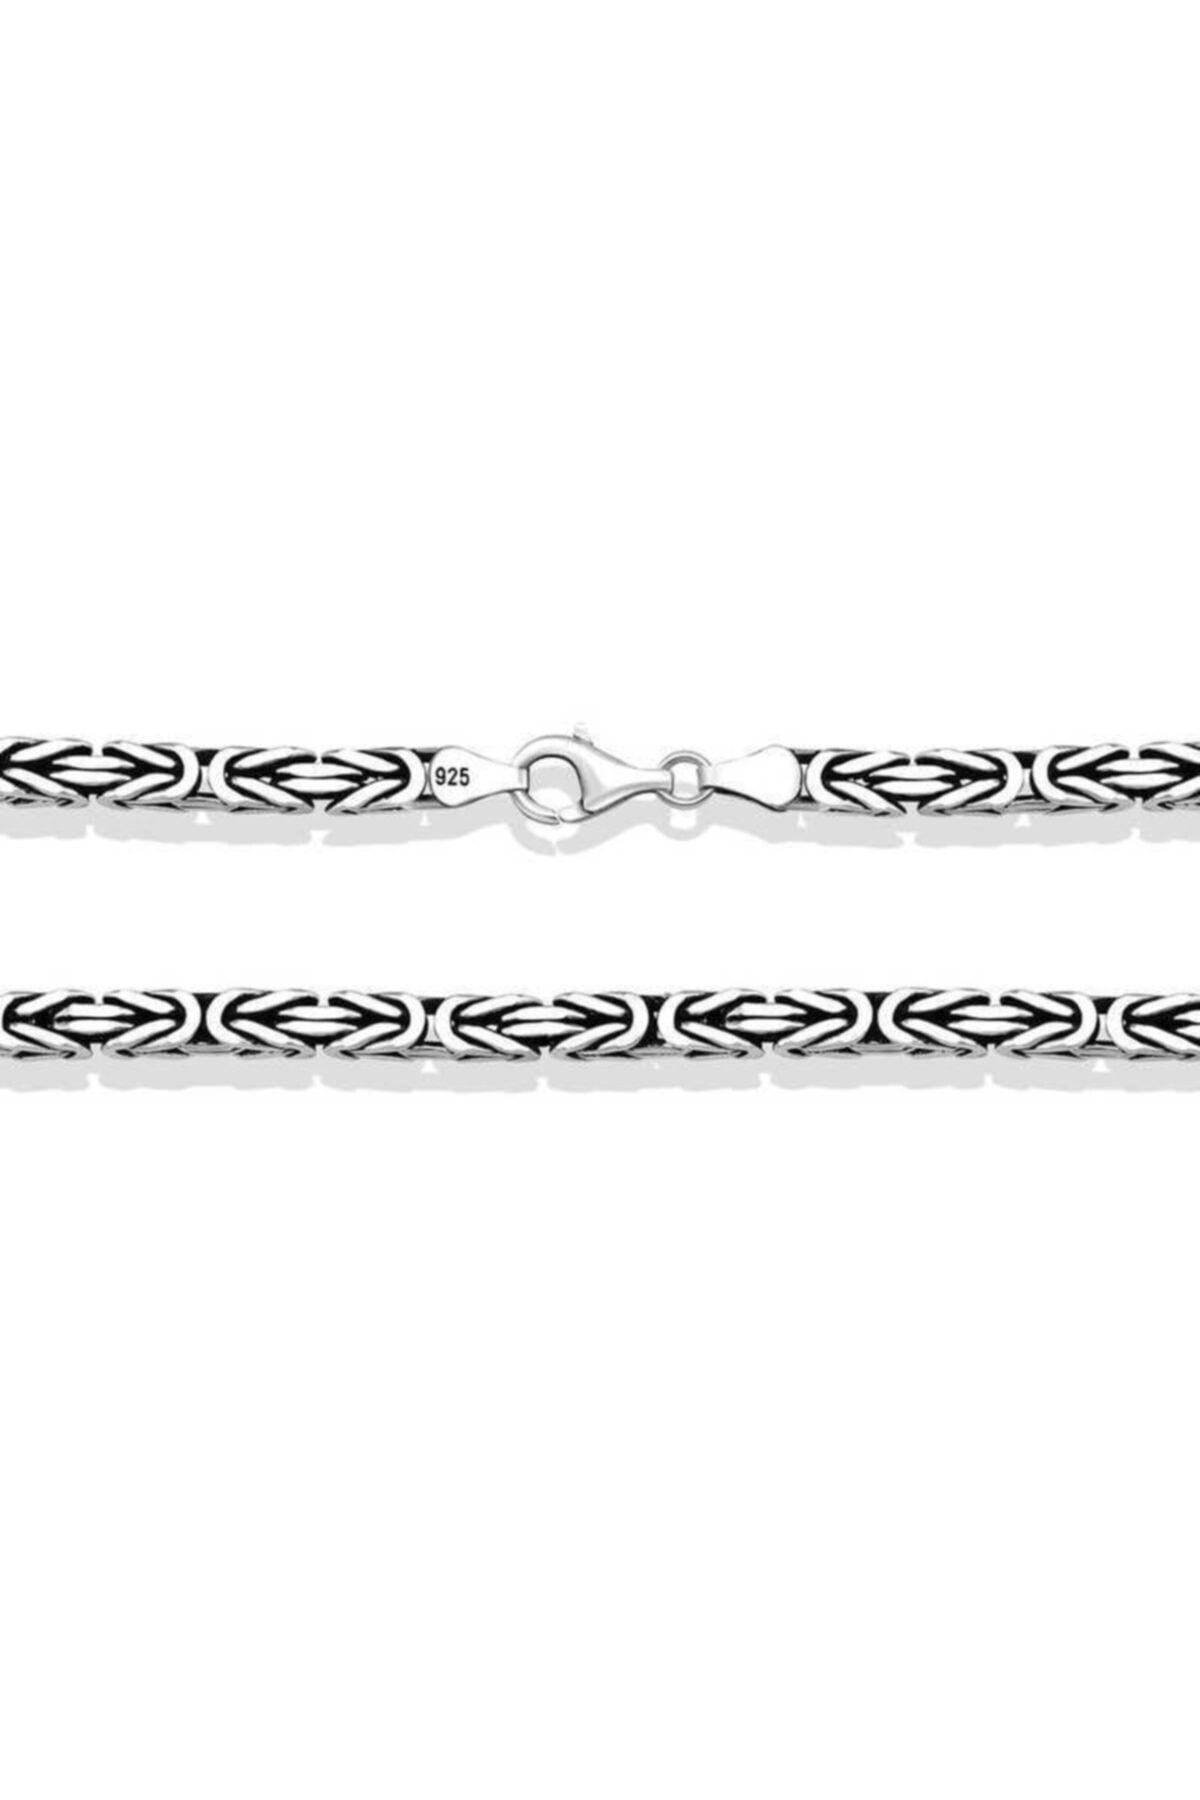 Gumush Gümüş Kral Zincir - 8 Mm Köşeli 1